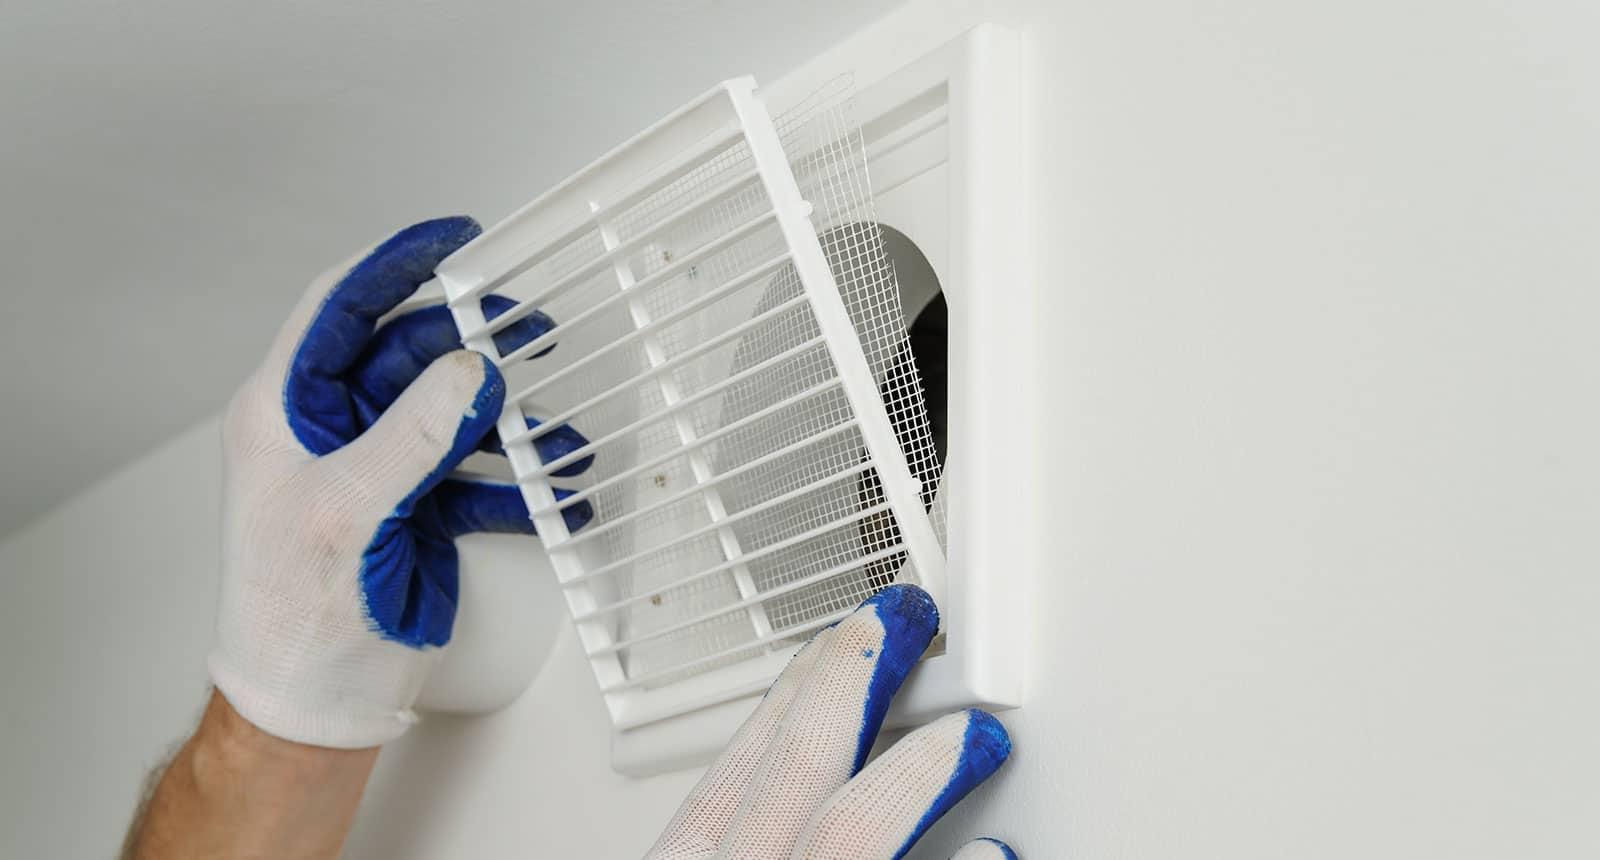 Installs Ventilation Grille